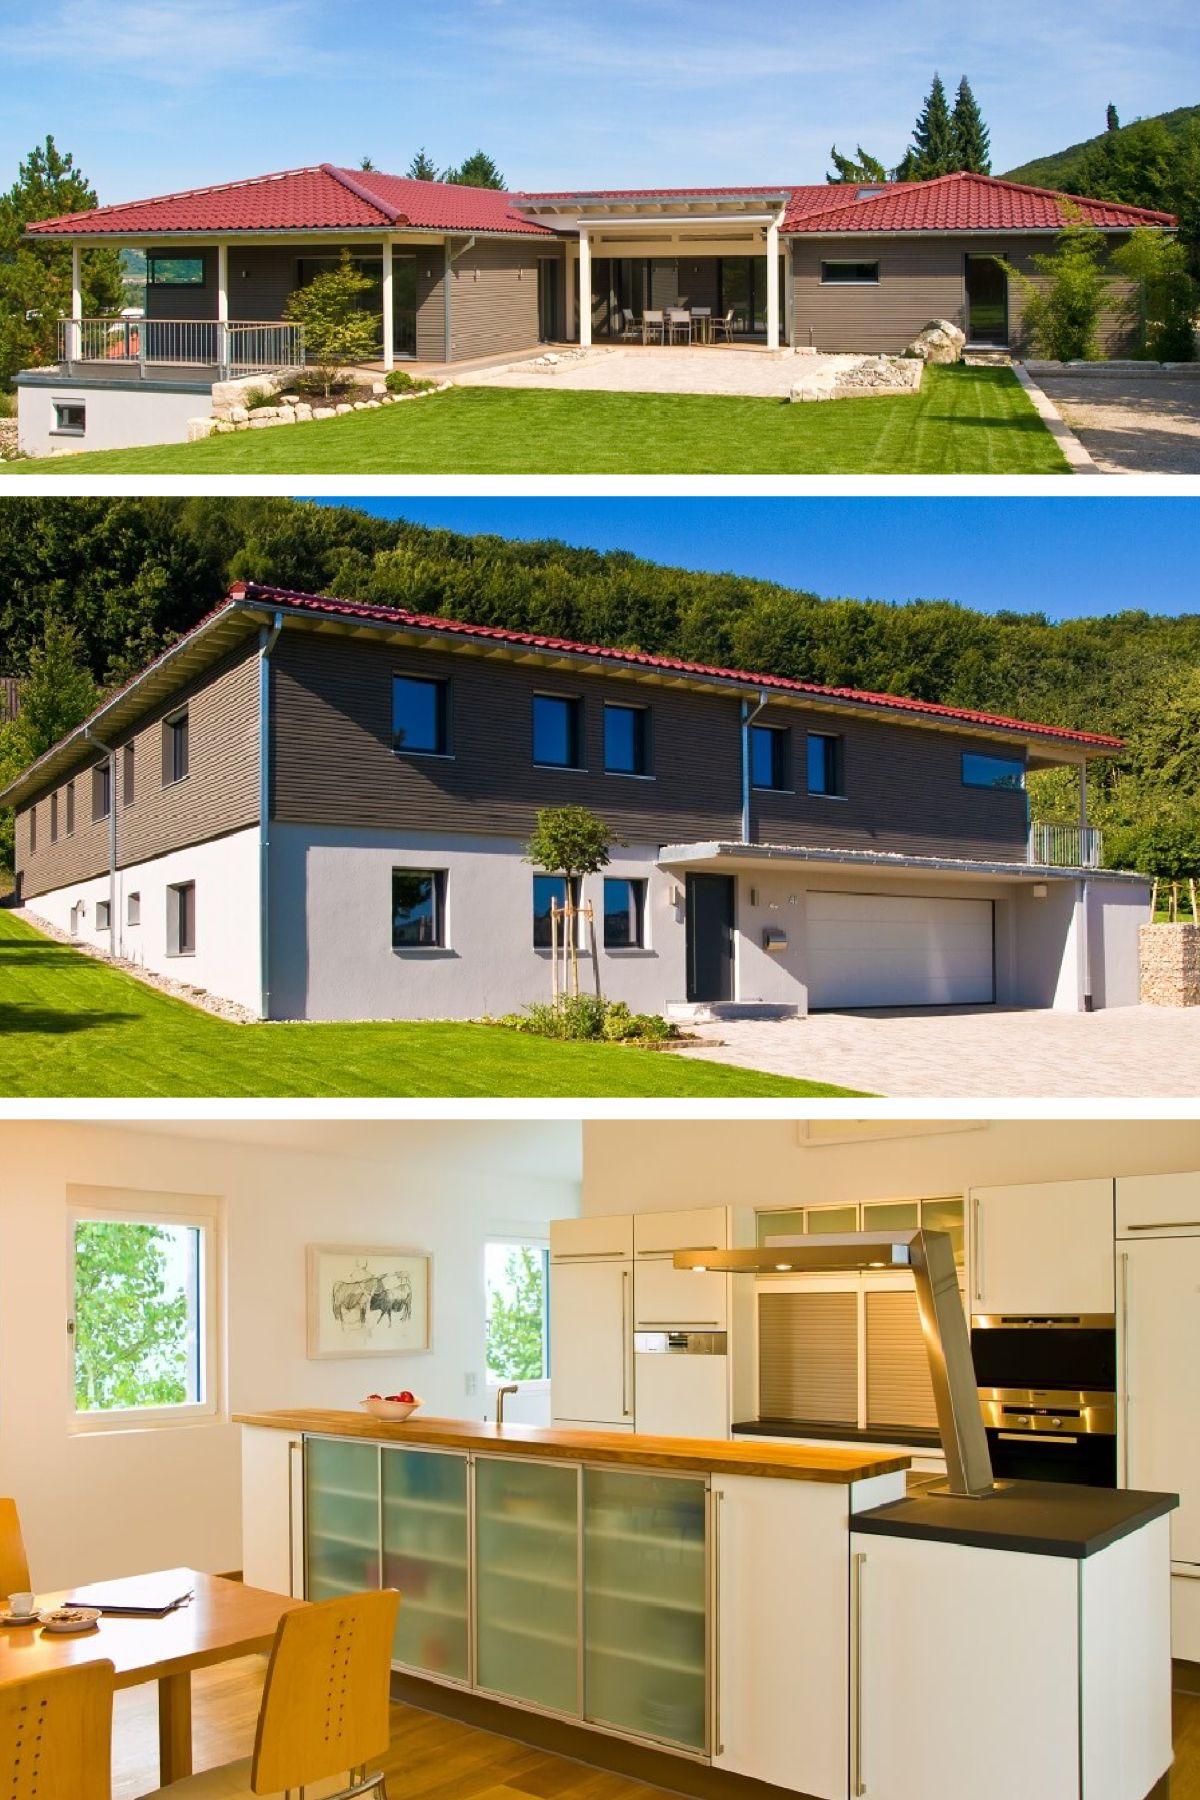 Einfamilienhaus mit Garage in Hanglage - Klassischer Bungalow von ...